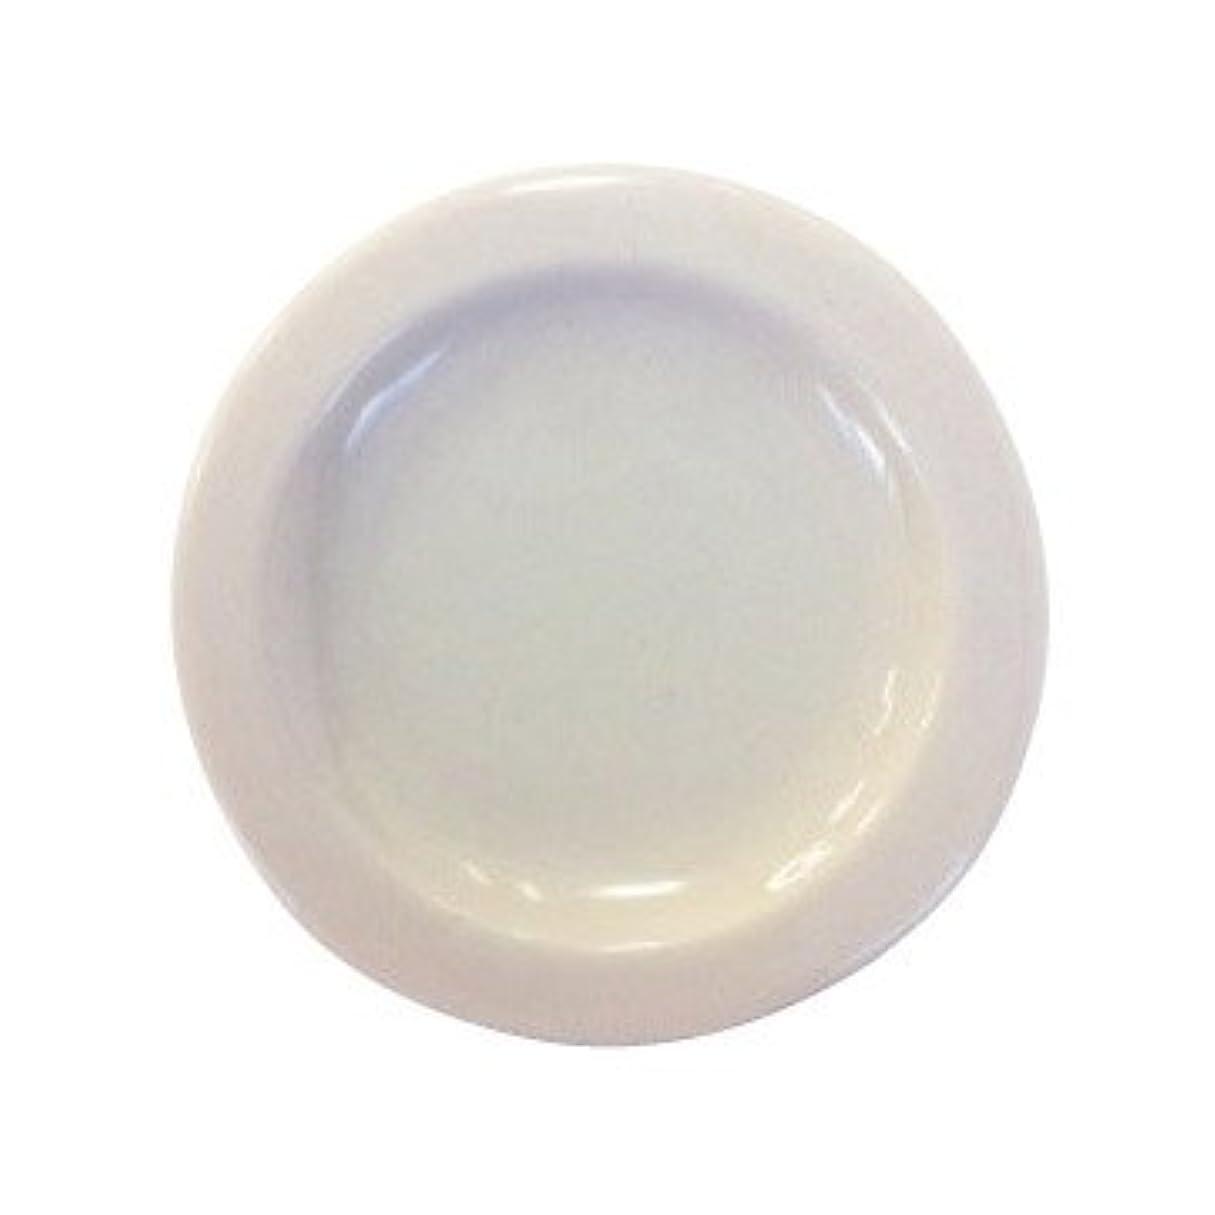 しっとり早熟美徳アロマランプMローズ用 天面精油皿